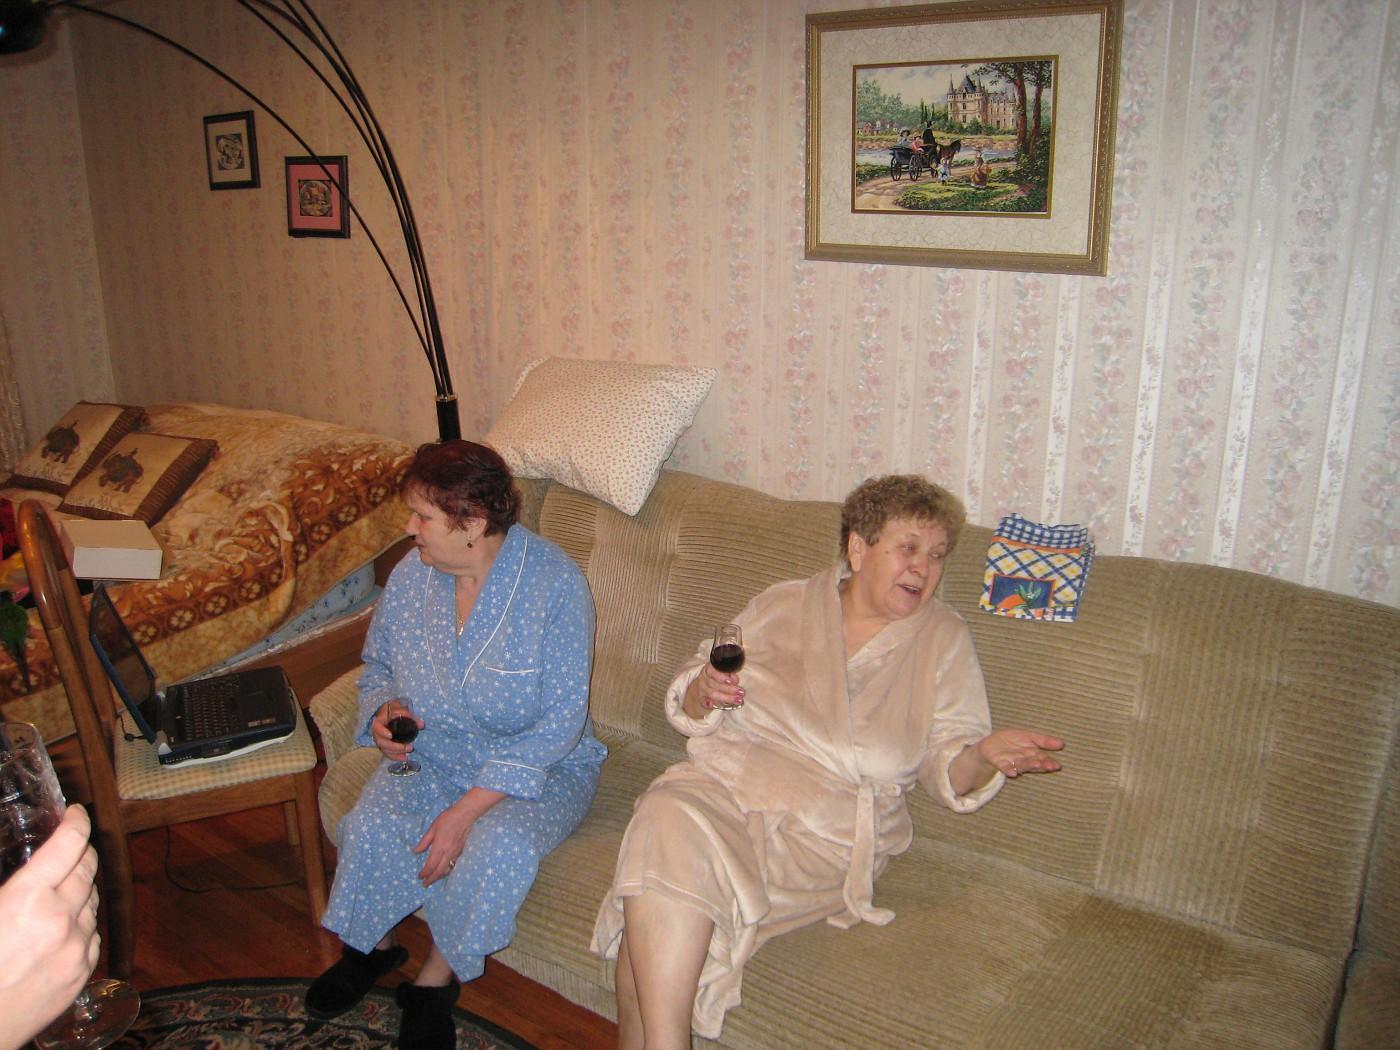 Фото зрелых мамулек, Голые мамки - красивые голые мамаши и мамочки - фото 25 фотография